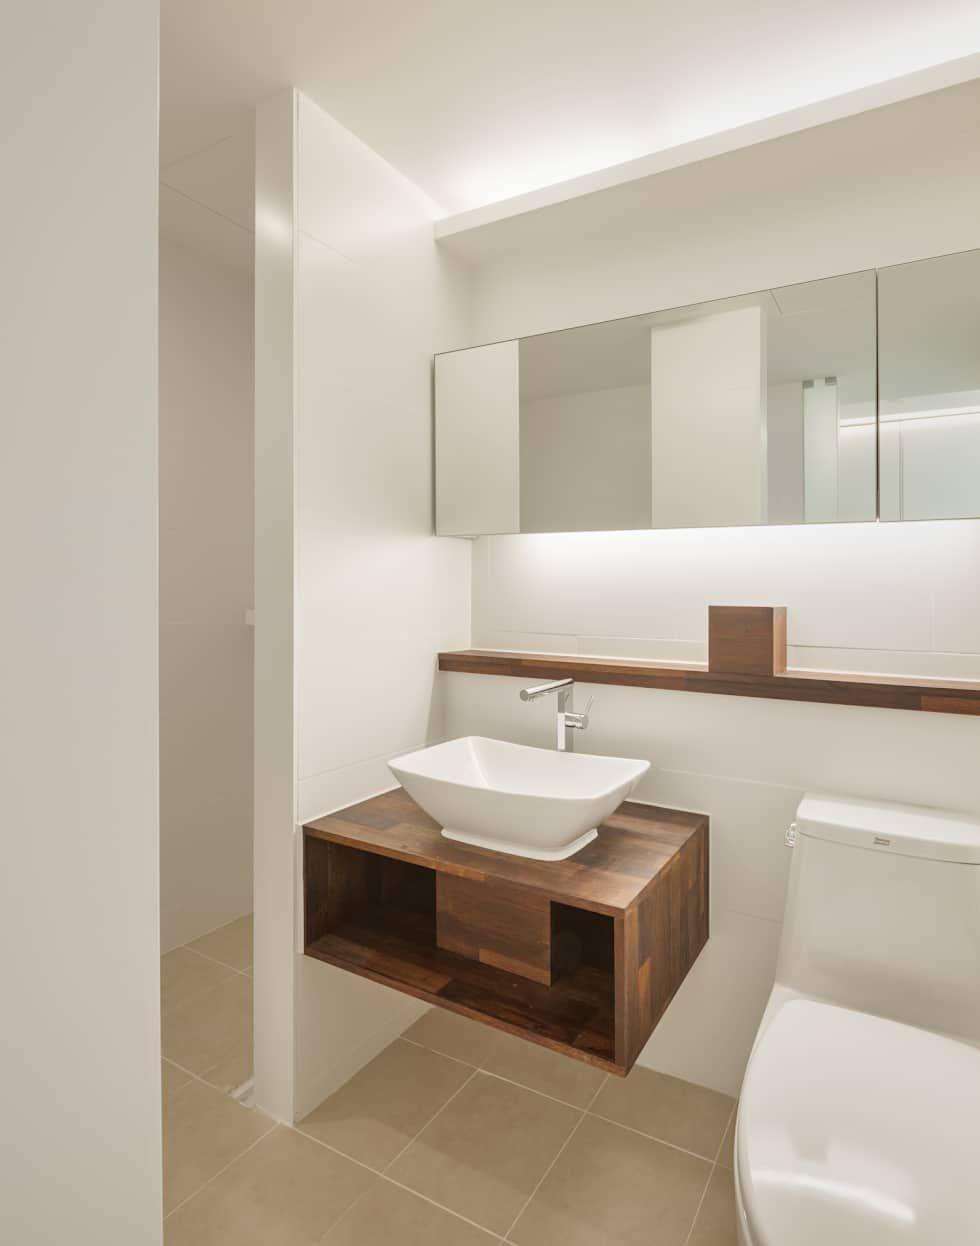 인테리어 디자인 아이디어, 내부 개조 & 리모델링 사진